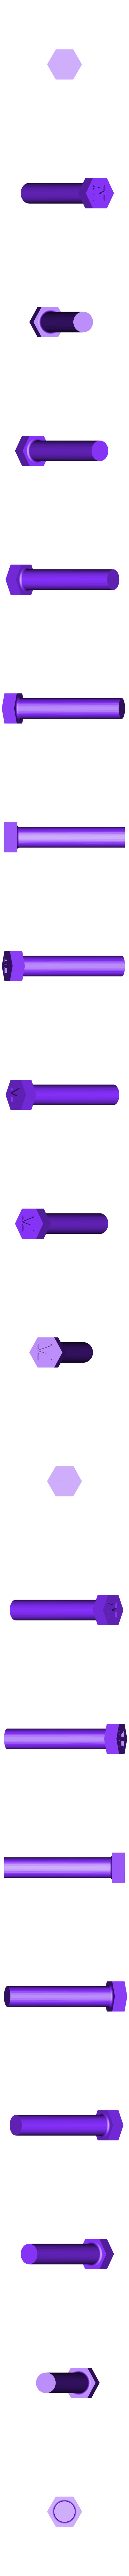 llavero pasador.STL Télécharger fichier STL gratuit Détenteur de la clé • Plan pour impression 3D, SnakeCreations